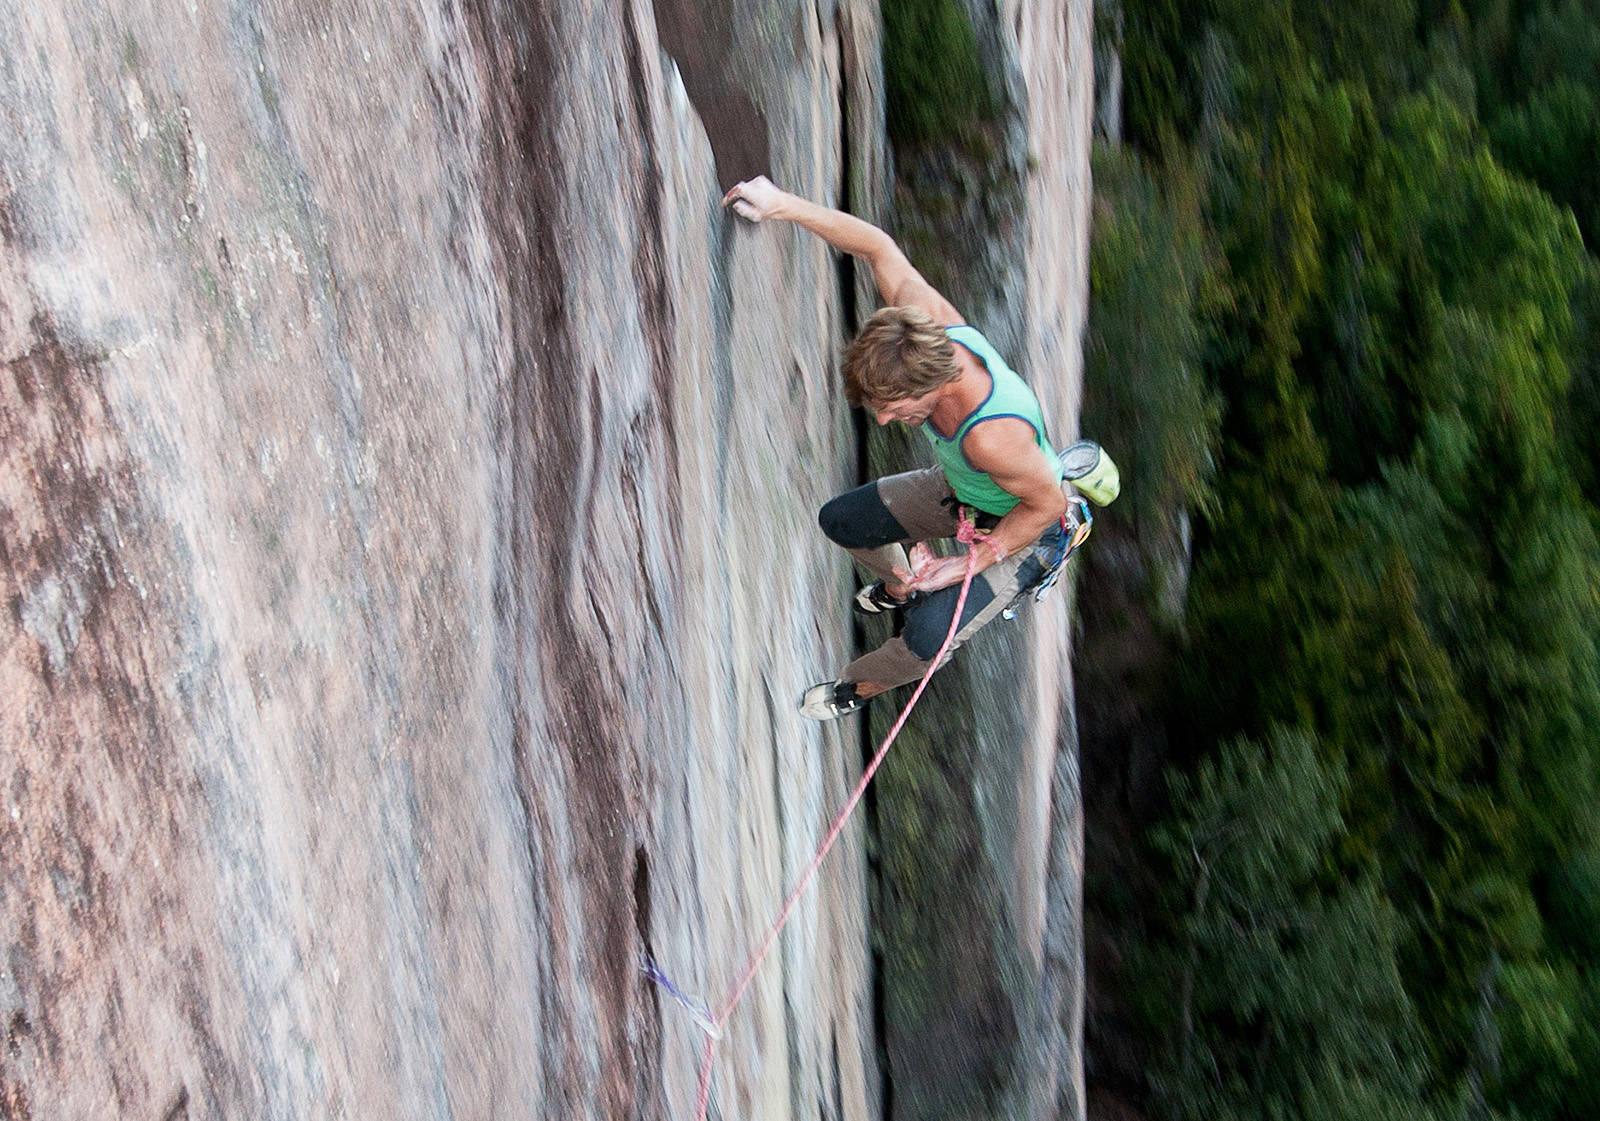 VOLDSOM: På vei mot toppen er du høyt over bakken, og langt fra siste sikring. Klatrer: Bjørn-Eivind Årtun. Foto: Ole-Petter Hoel